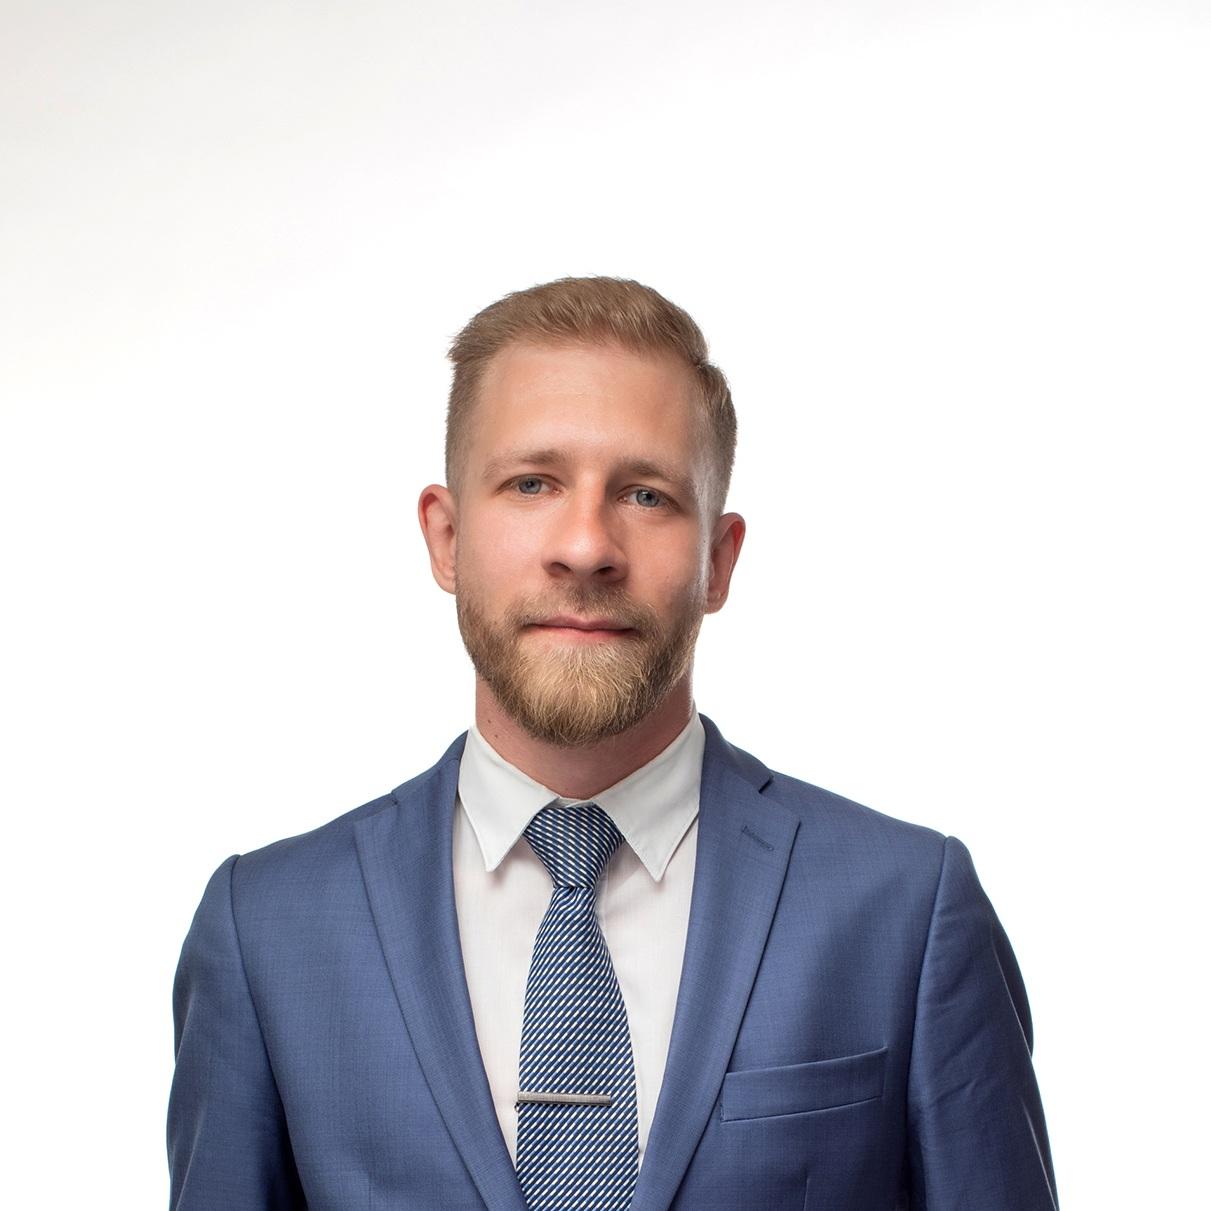 Mikkel Sørensen - HR & Digitaliseringskonsulent+45 22 63 23 32mikkel@humanuniverz.comLinkedIn